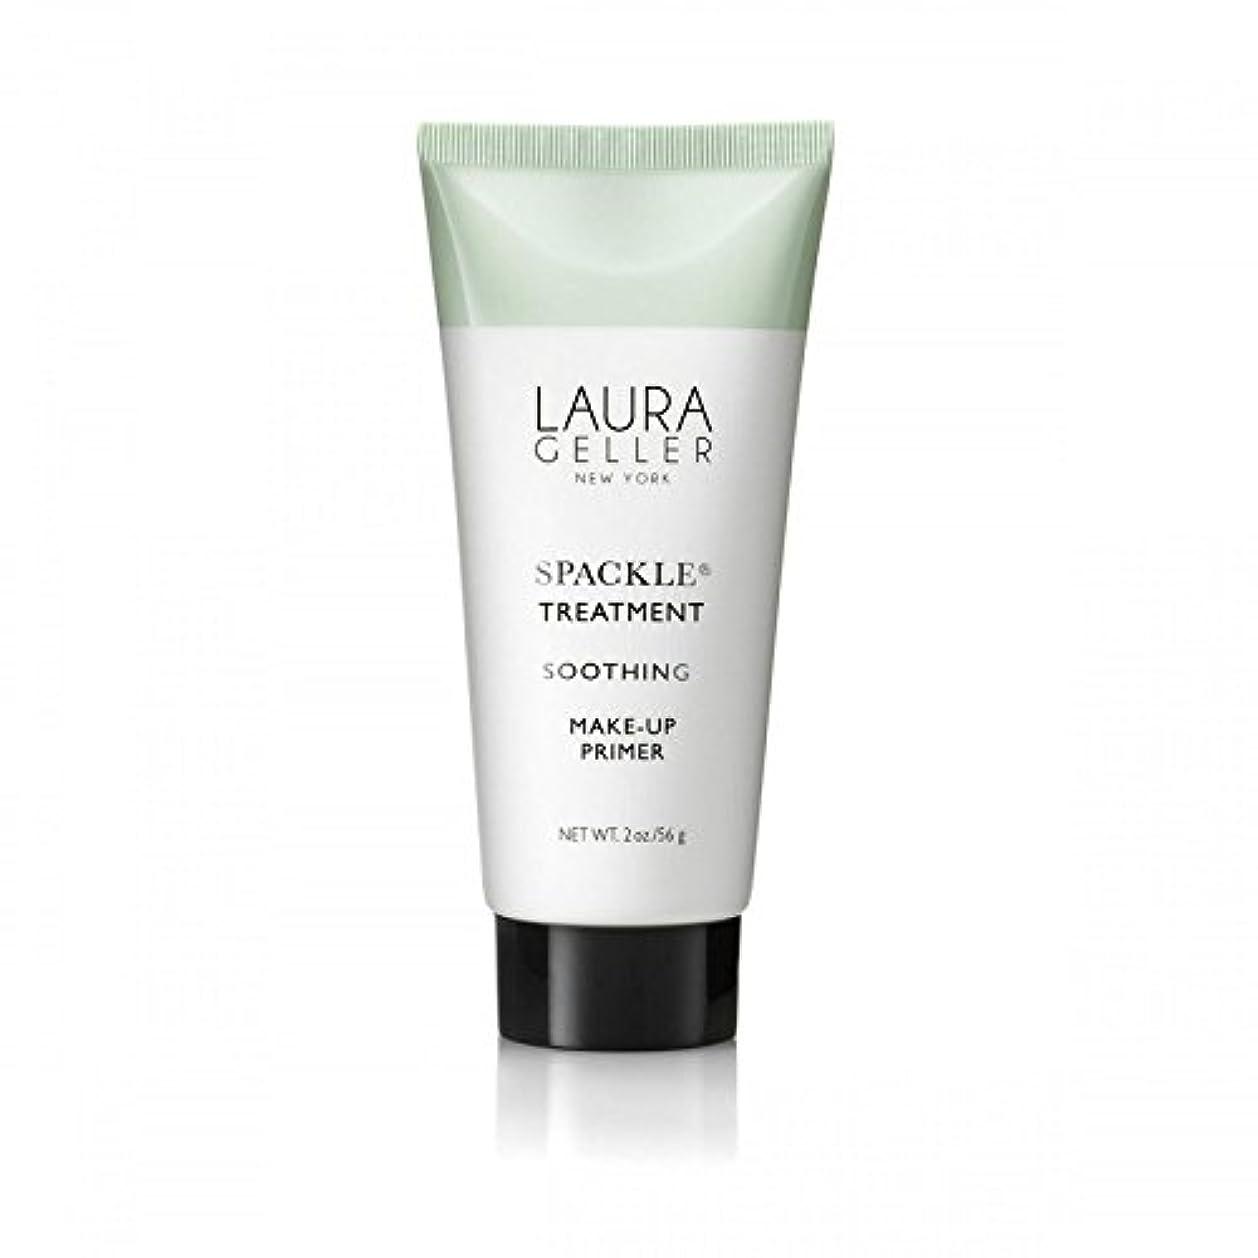 甘味文献ばかLaura Geller Spackle Treatment Under Make-Up Primer Soothing - メイクアッププライマー癒しの下のローラ?ゲラー 処理 [並行輸入品]